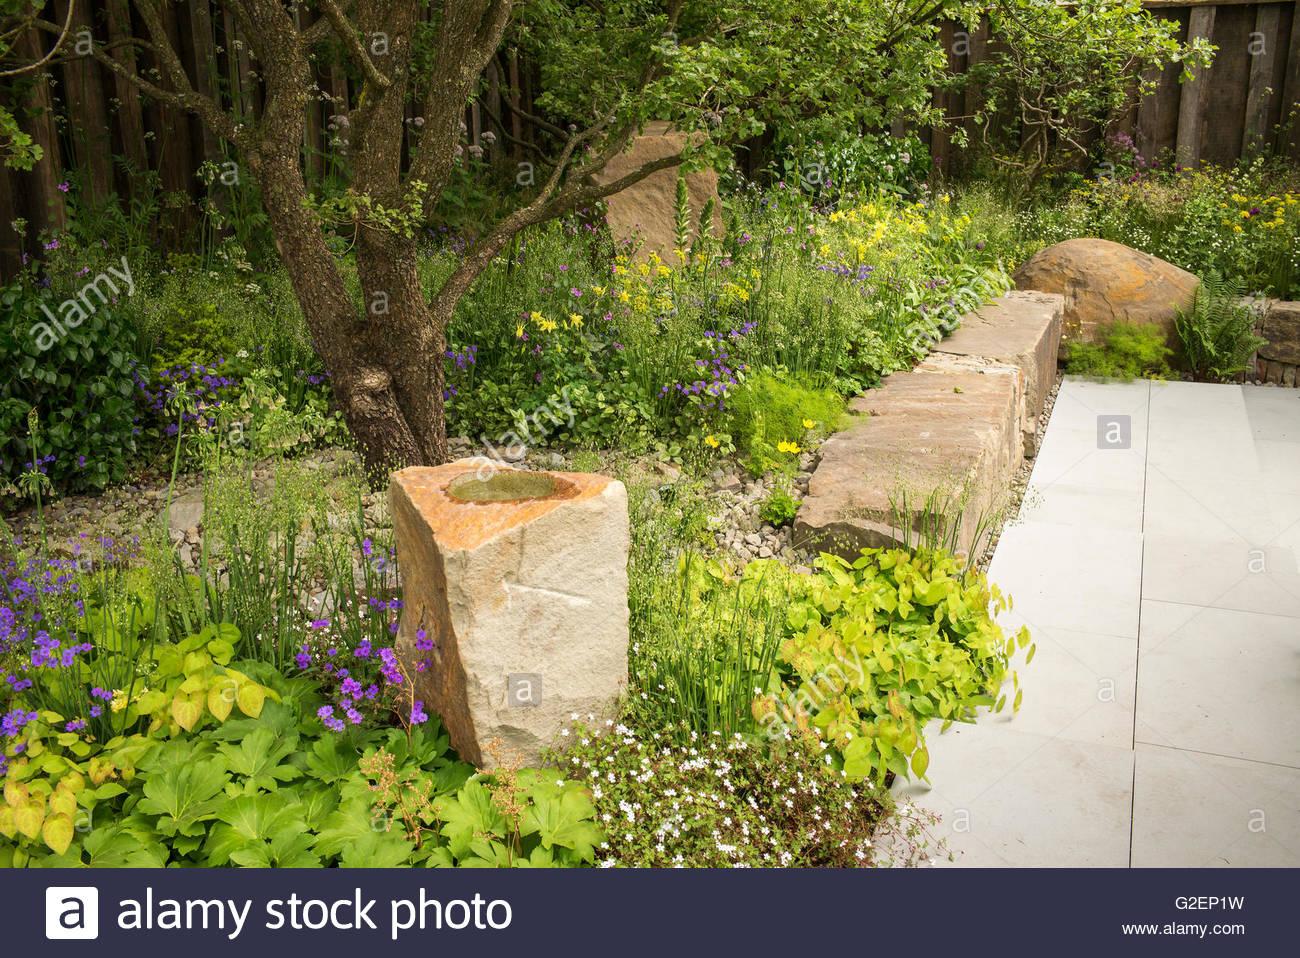 wald zu pflanzen, wand stein, geröll und terrasse in der m & g